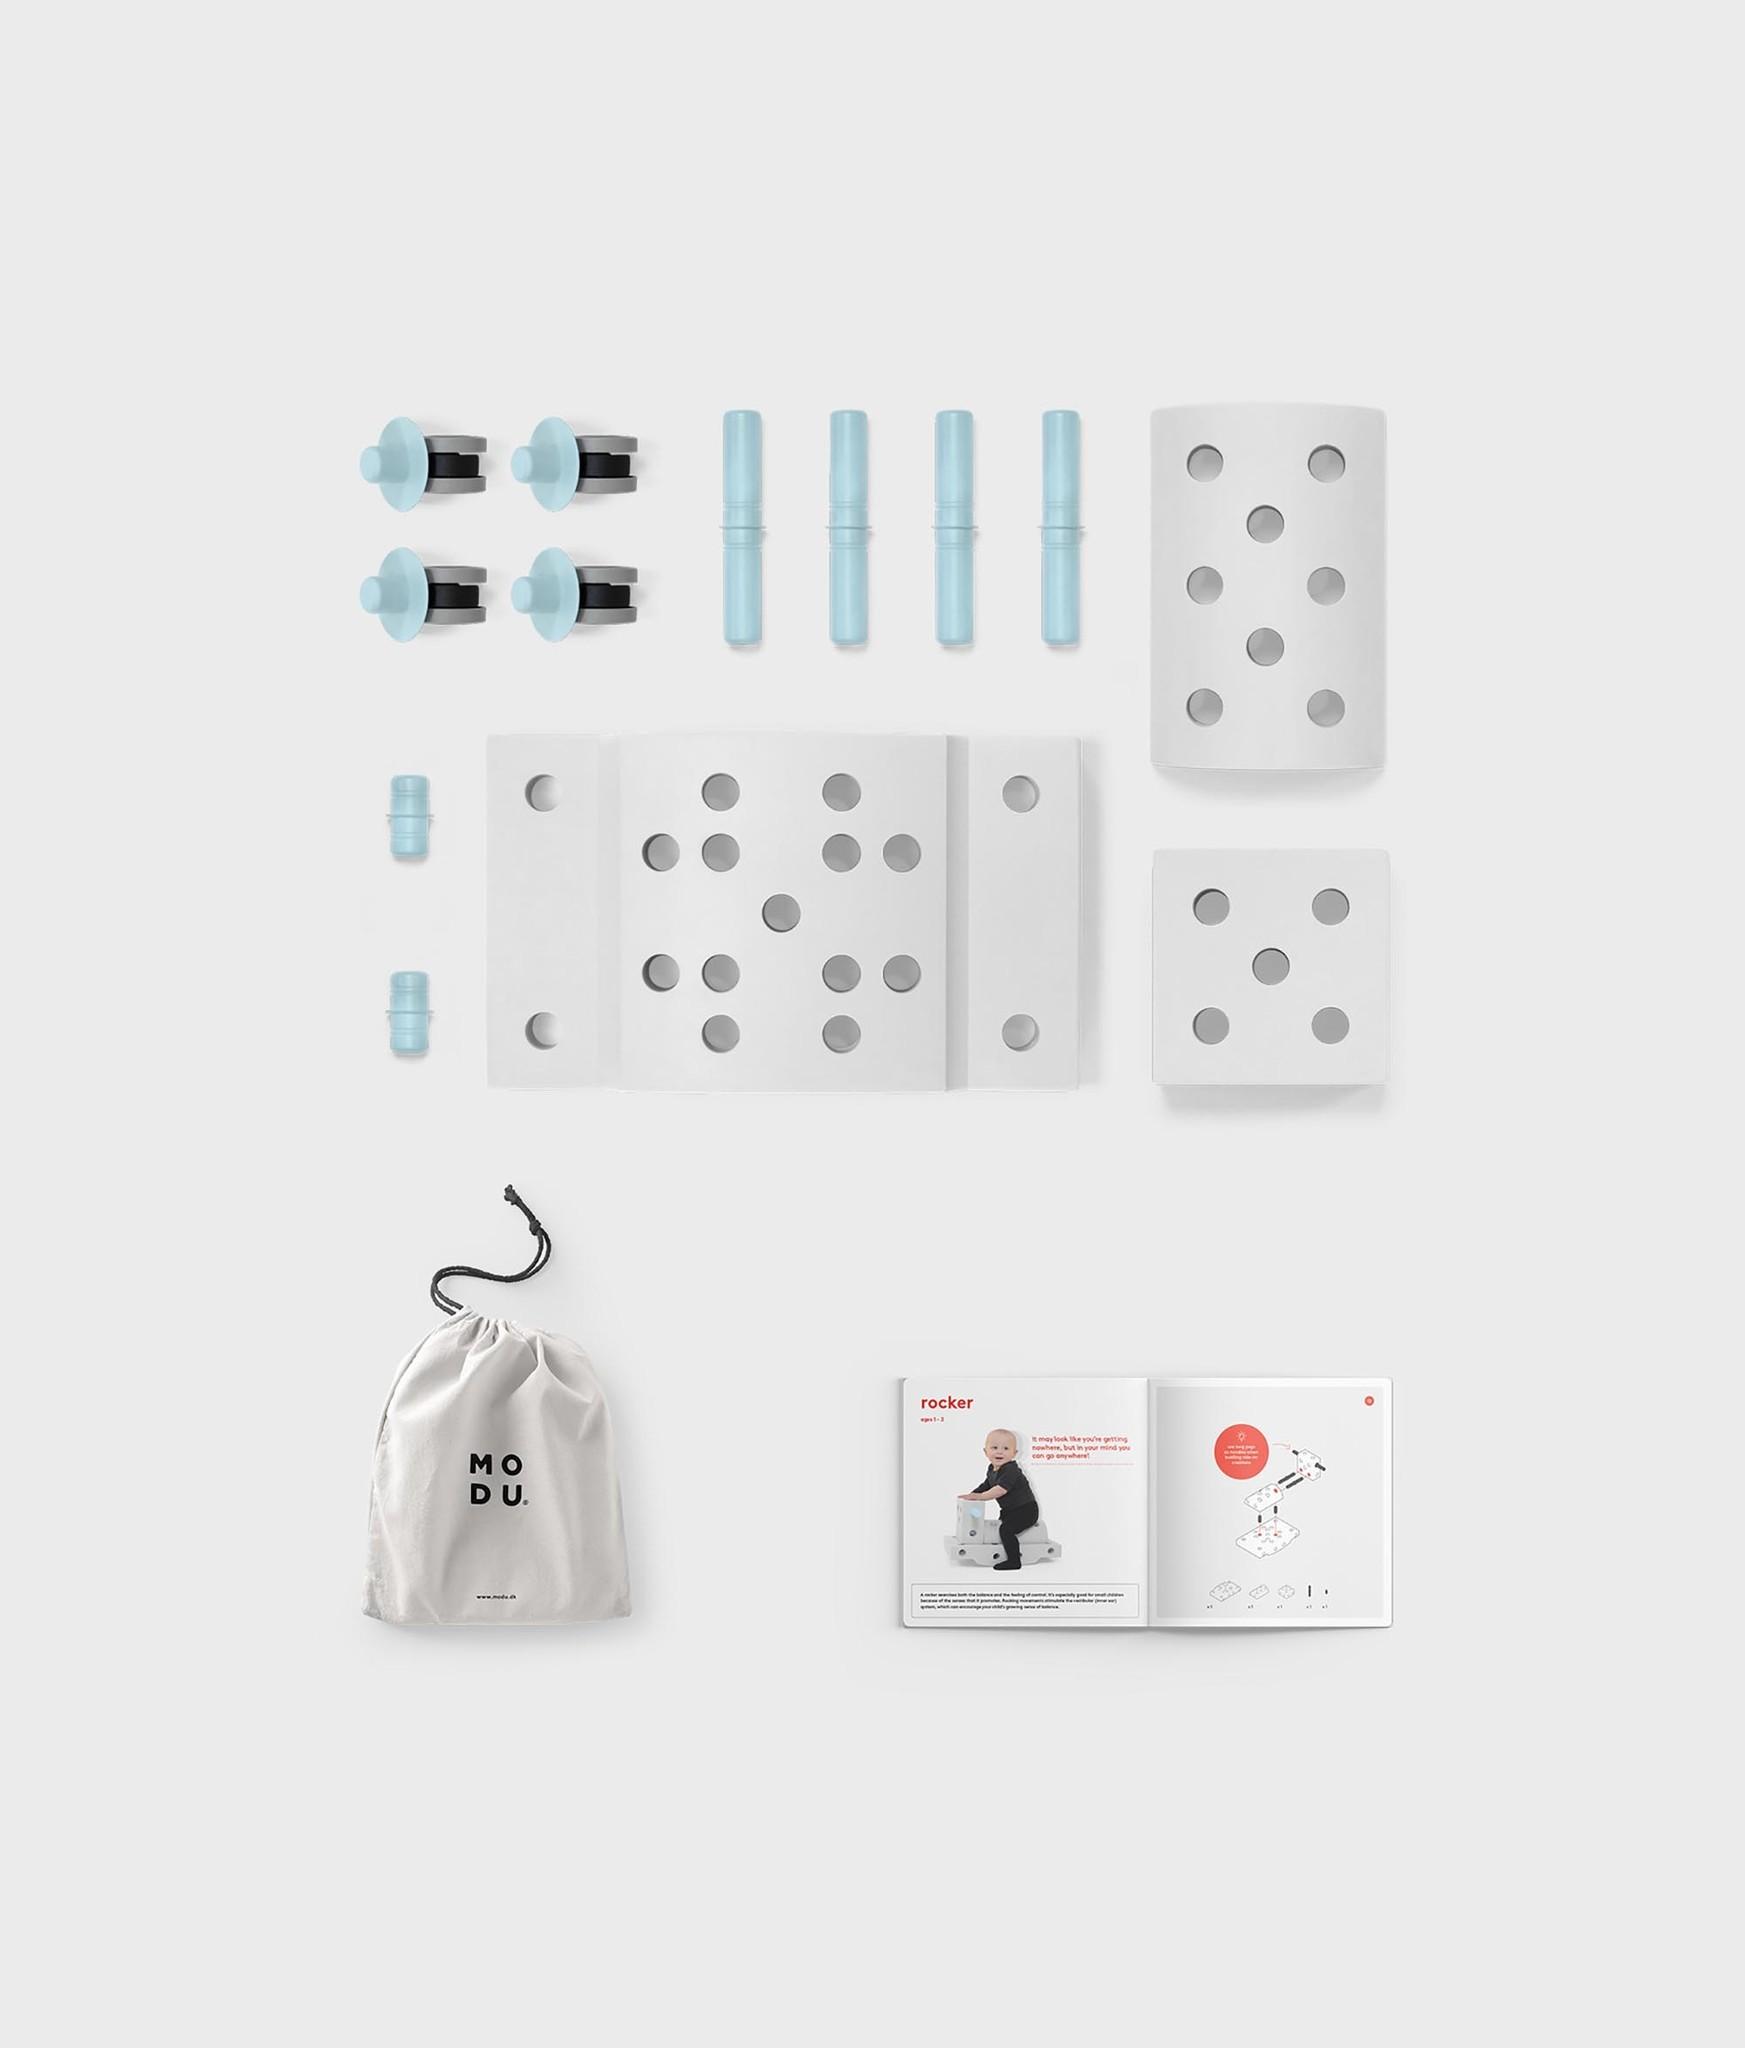 MODU Bouwset - Curiosity Kit Blauw